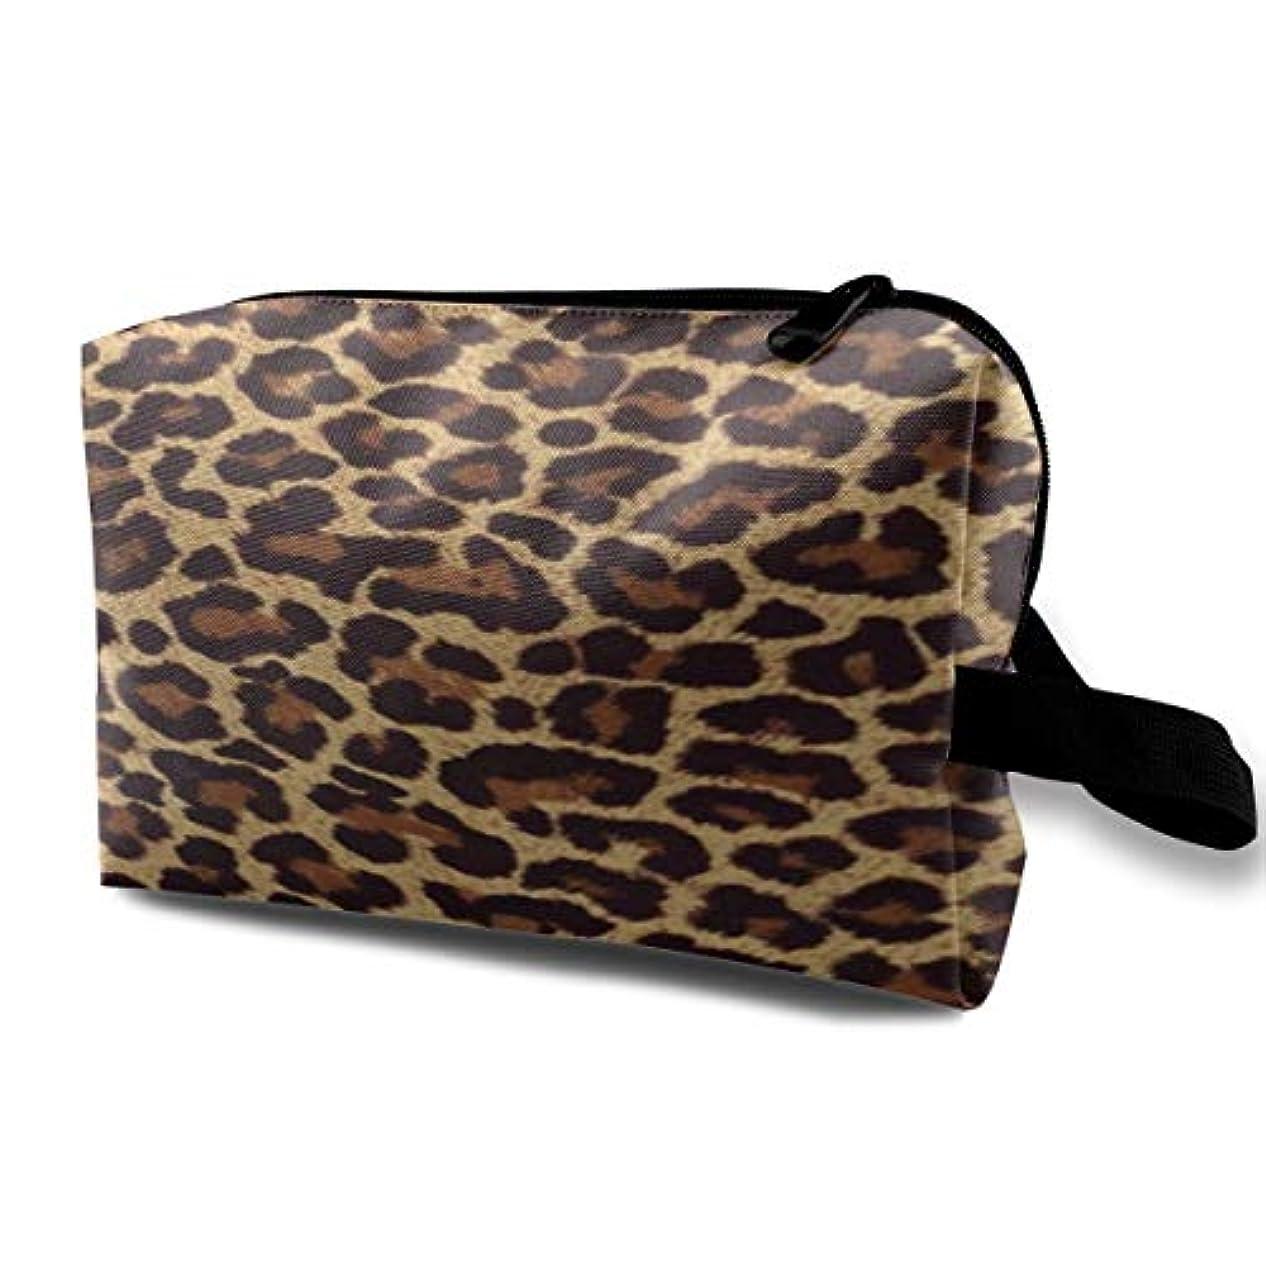 ブリード排泄物原因Leopard Print 収納ポーチ 化粧ポーチ 大容量 軽量 耐久性 ハンドル付持ち運び便利。入れ 自宅?出張?旅行?アウトドア撮影などに対応。メンズ レディース トラベルグッズ